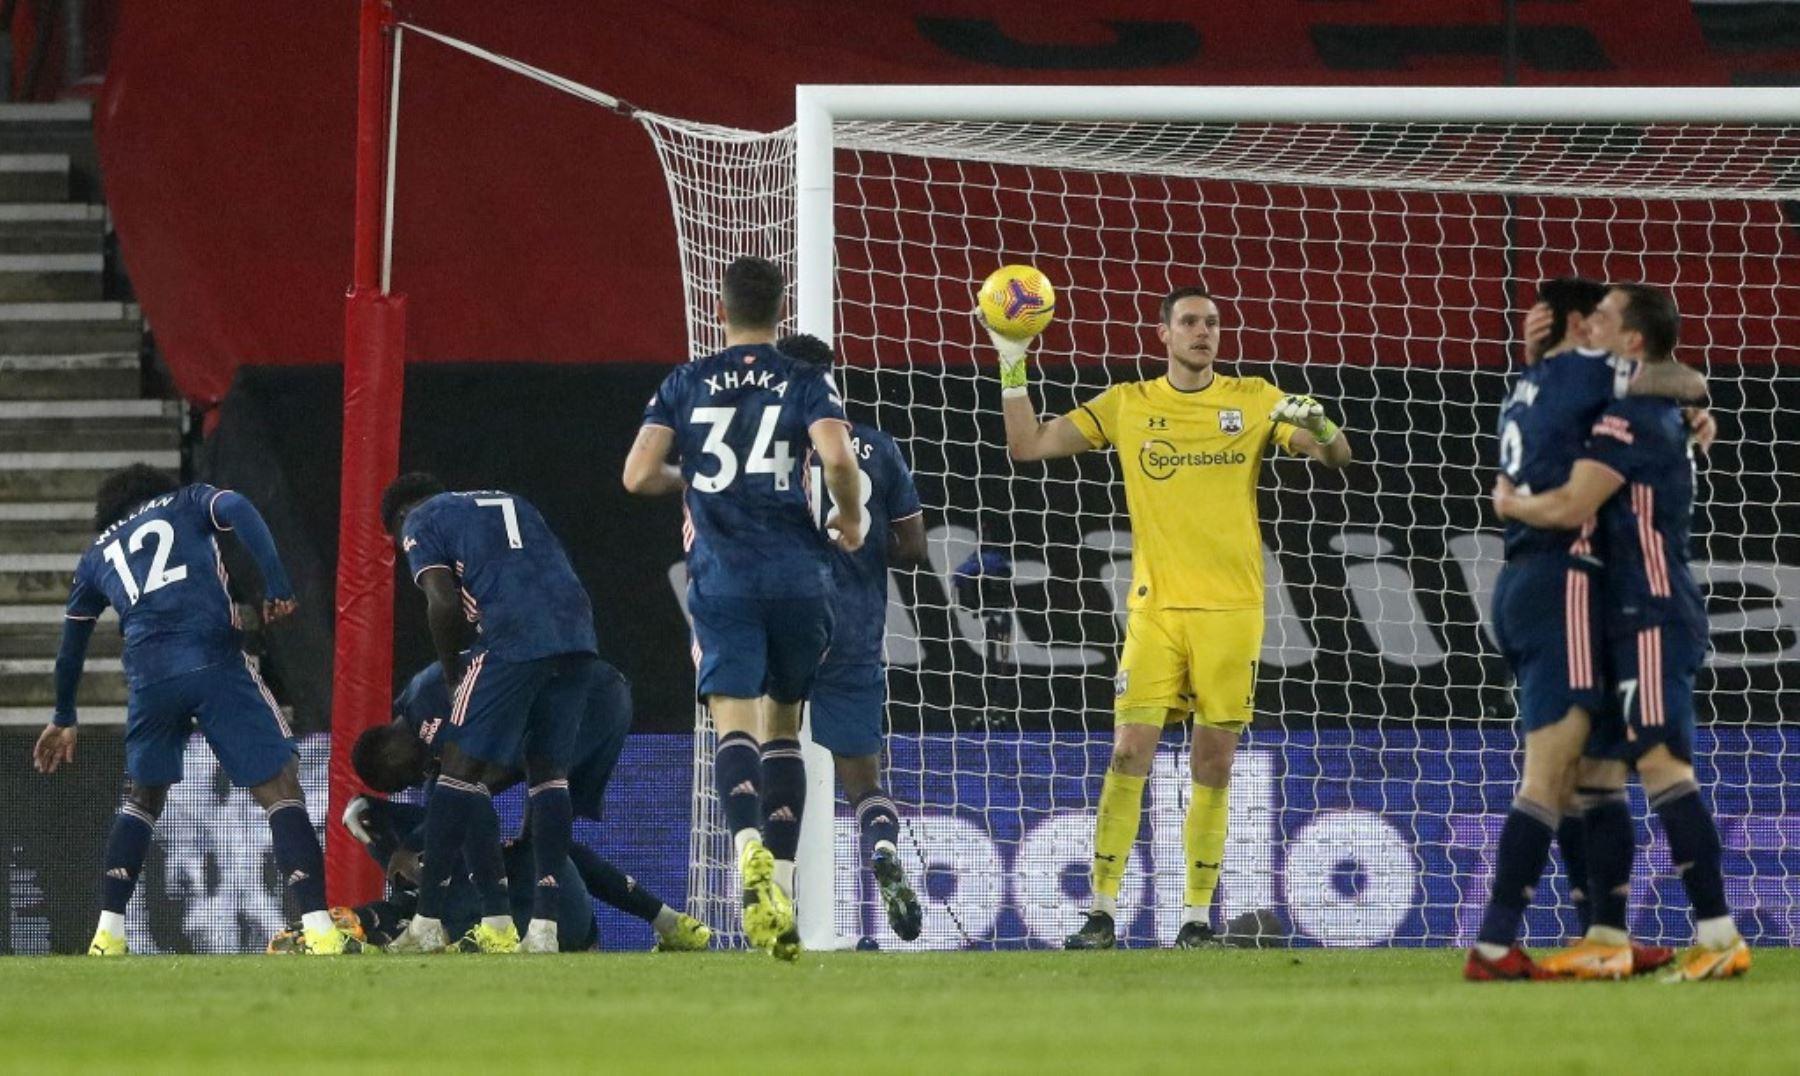 El delantero francés del Arsenal Alexandre Lacazette es acosado por sus compañeros de equipo después de anotar el tercer gol de su equipo durante el partido de fútbol de la Premier League inglesa entre Southampton y Arsenal en el St Mary